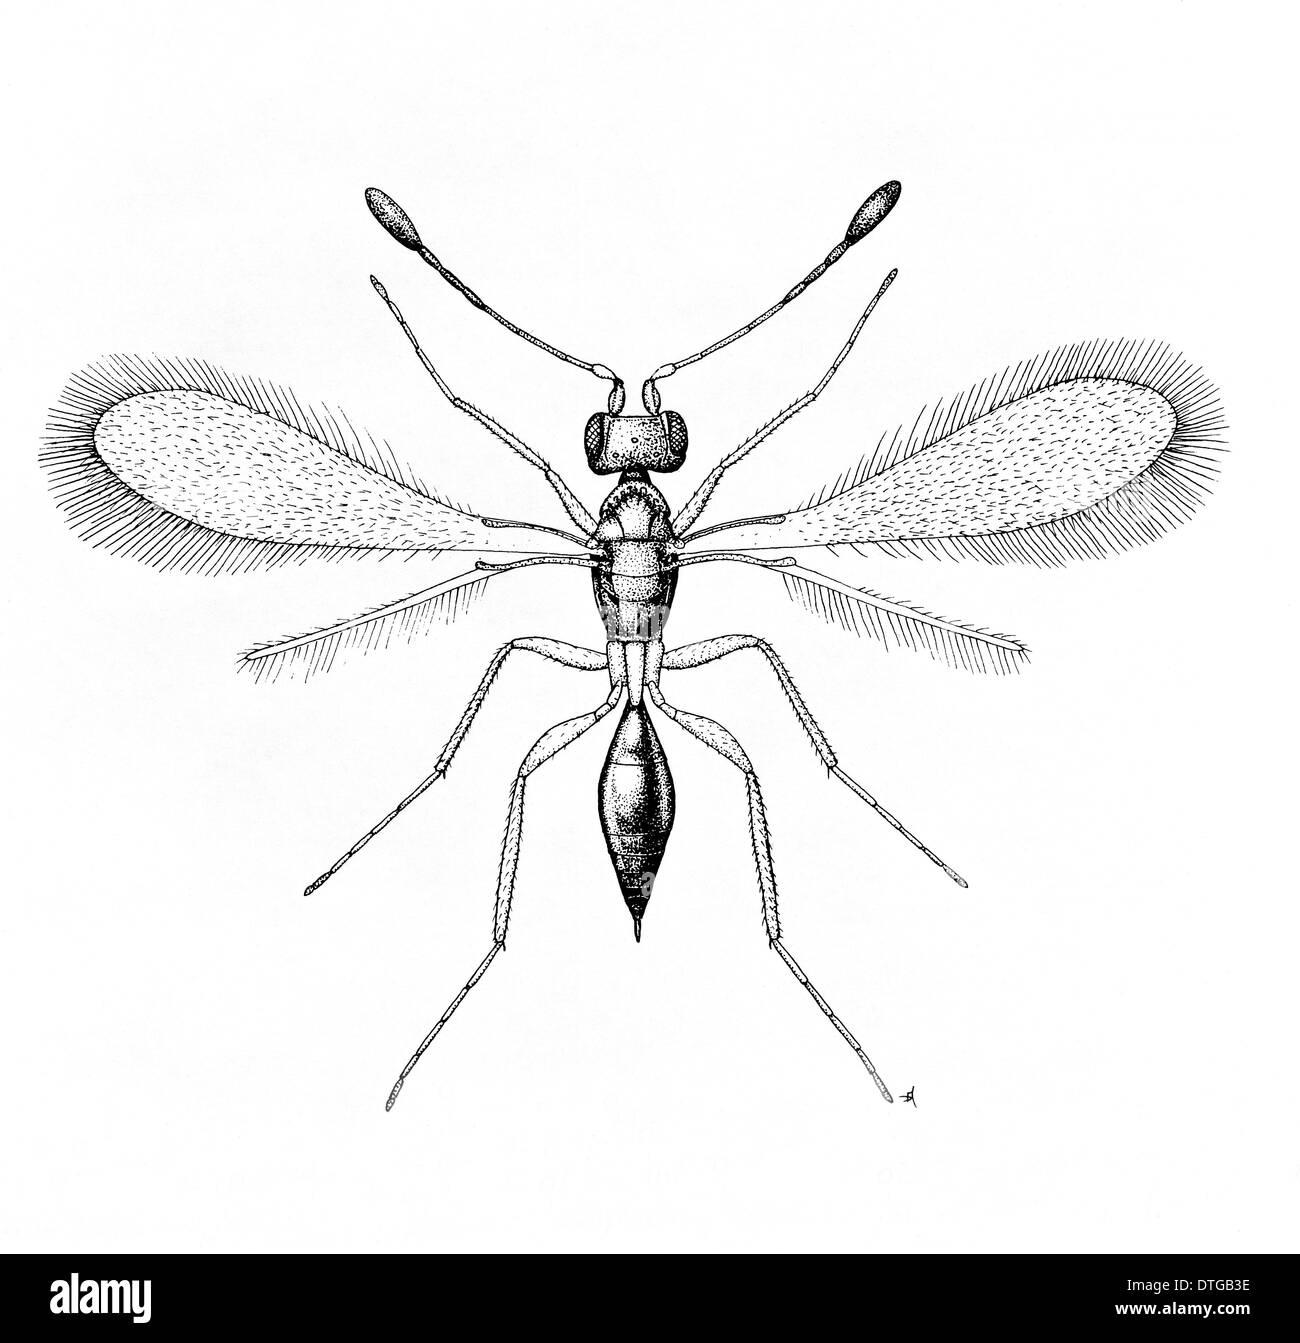 Alaptus magnanimus, fairy fly - Stock Image